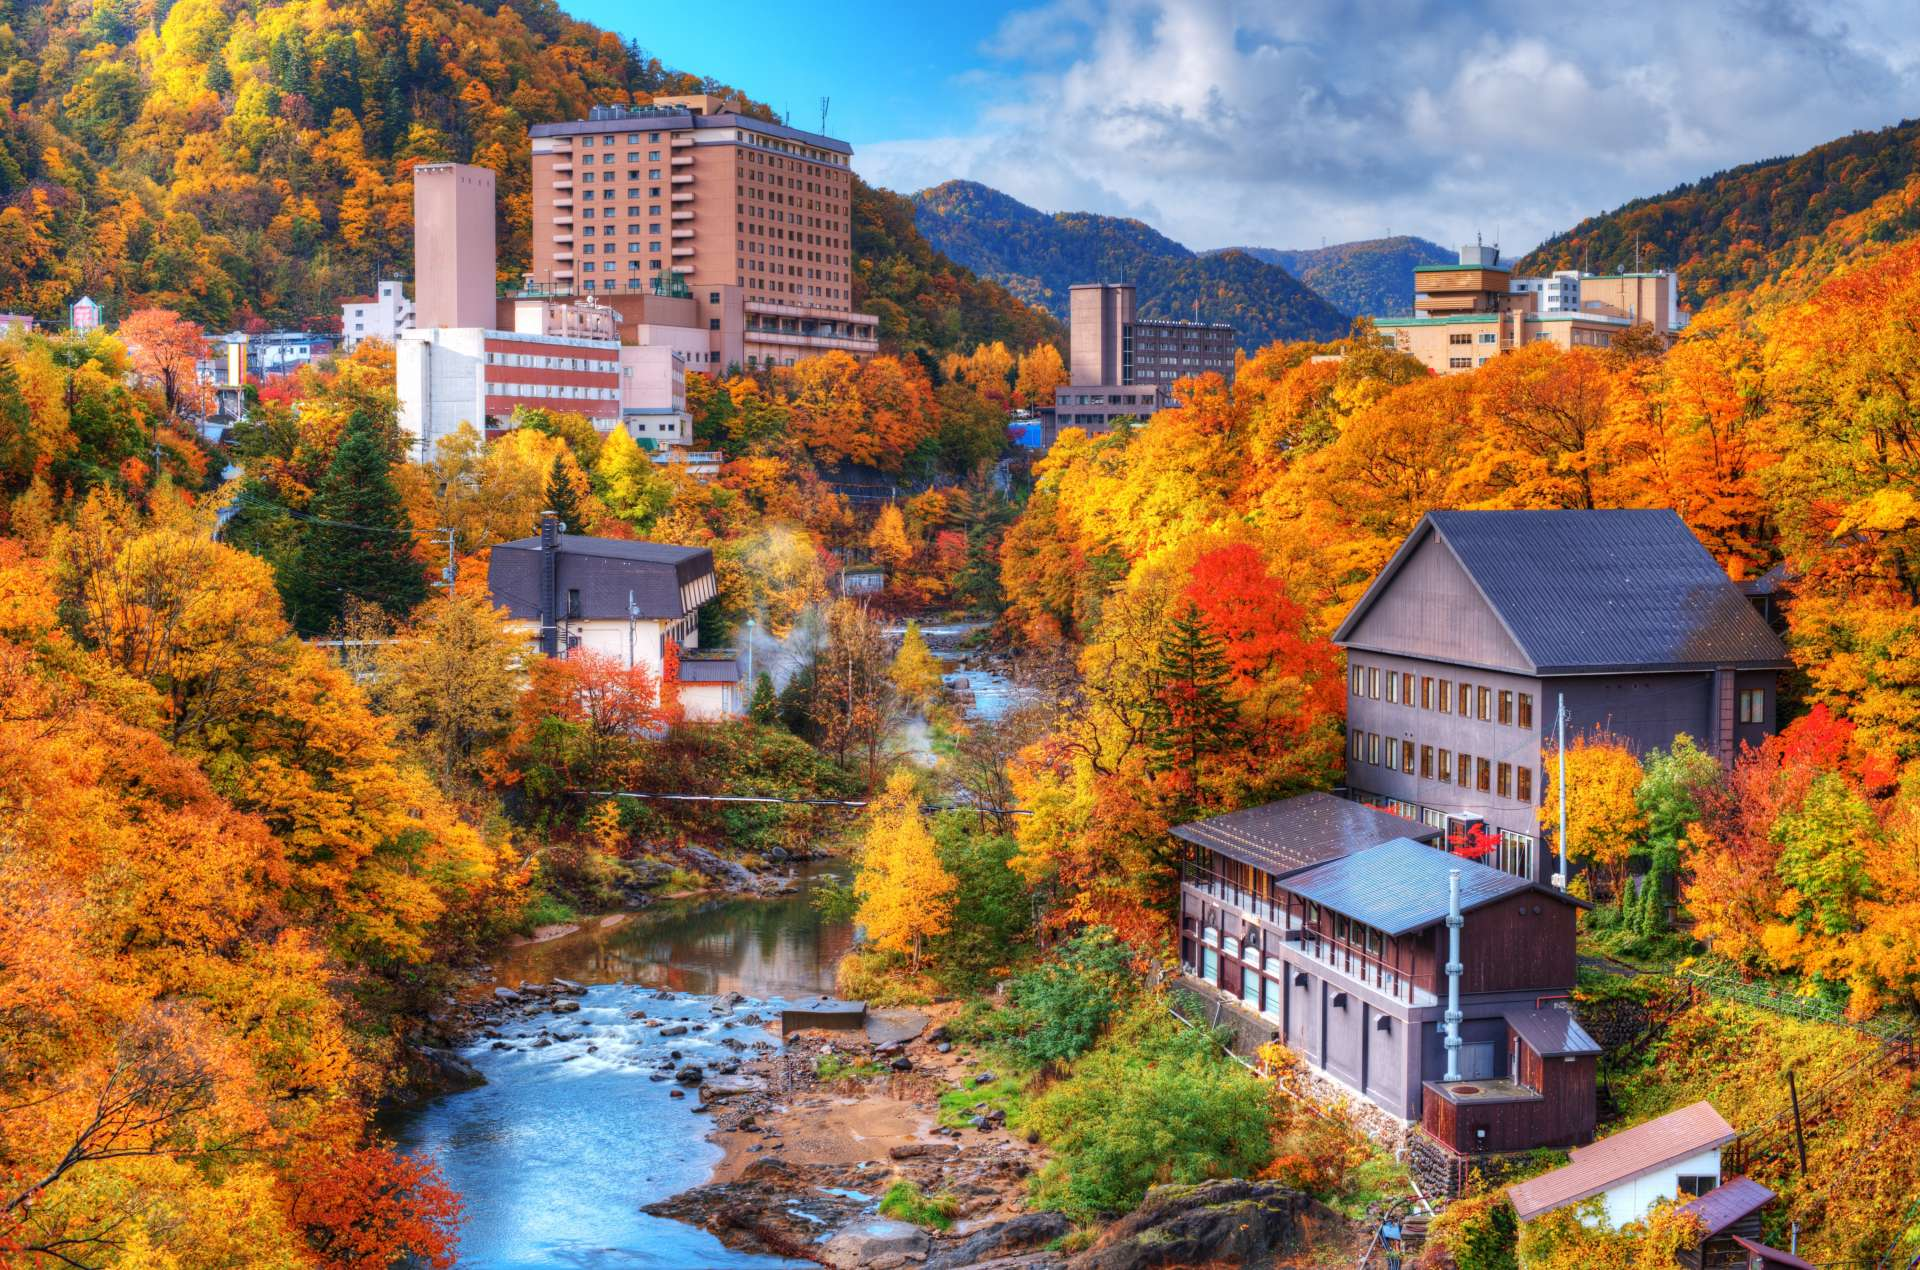 紅葉季節的定山溪溫泉鄉